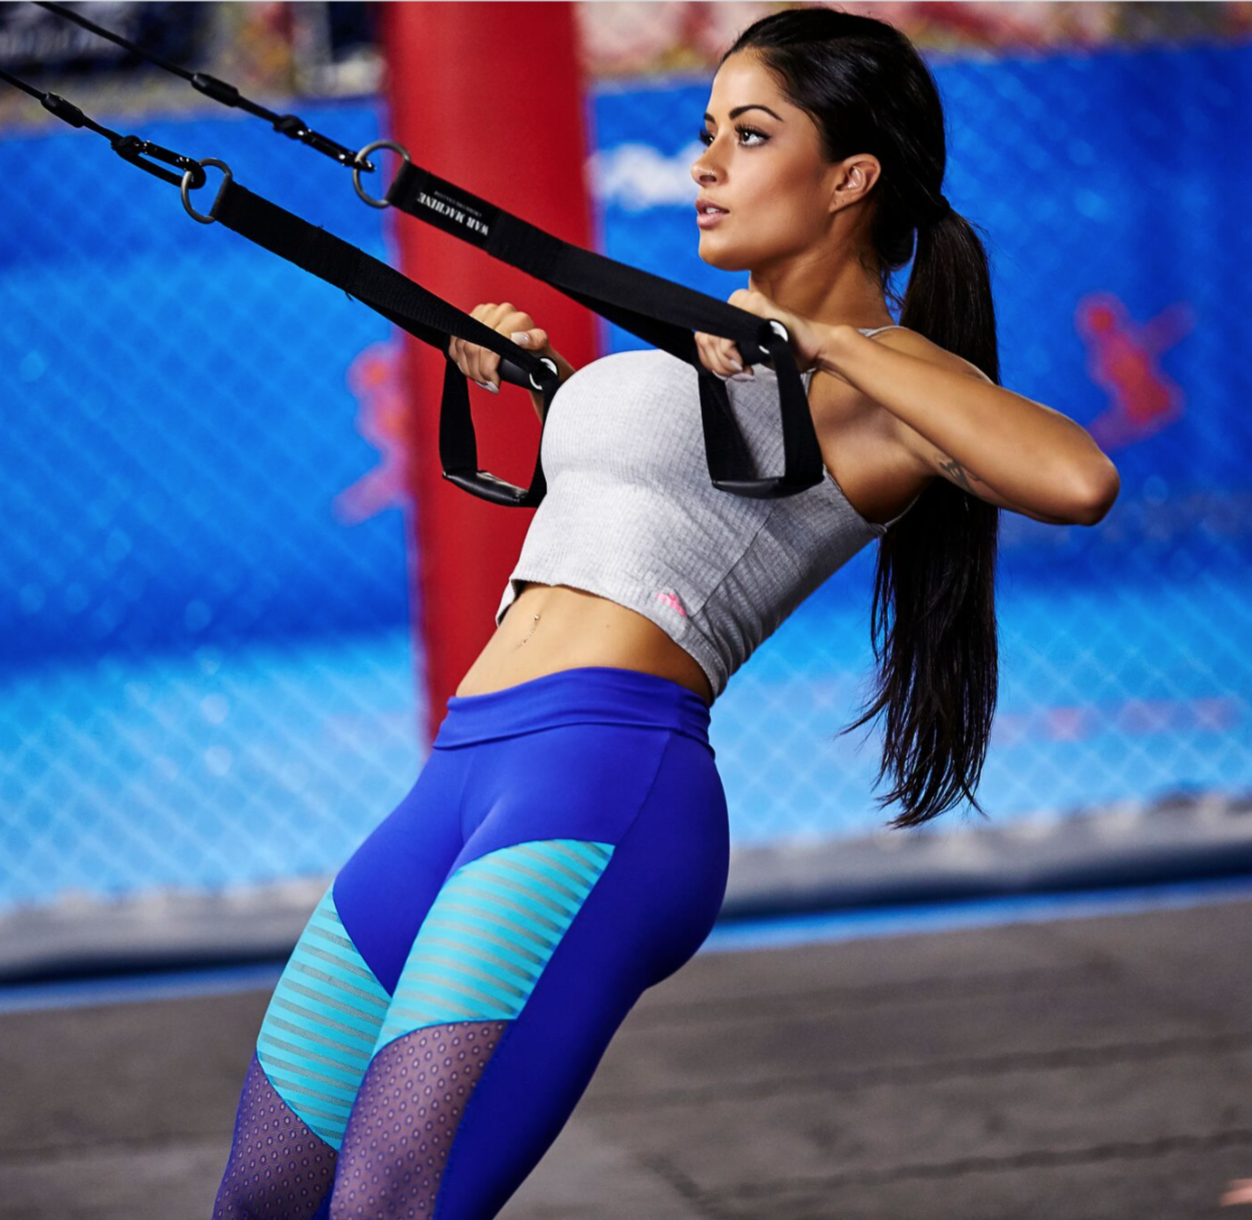 Caju NZ Young Legging Blue, Yoga Wear, Gym Tights, Sports